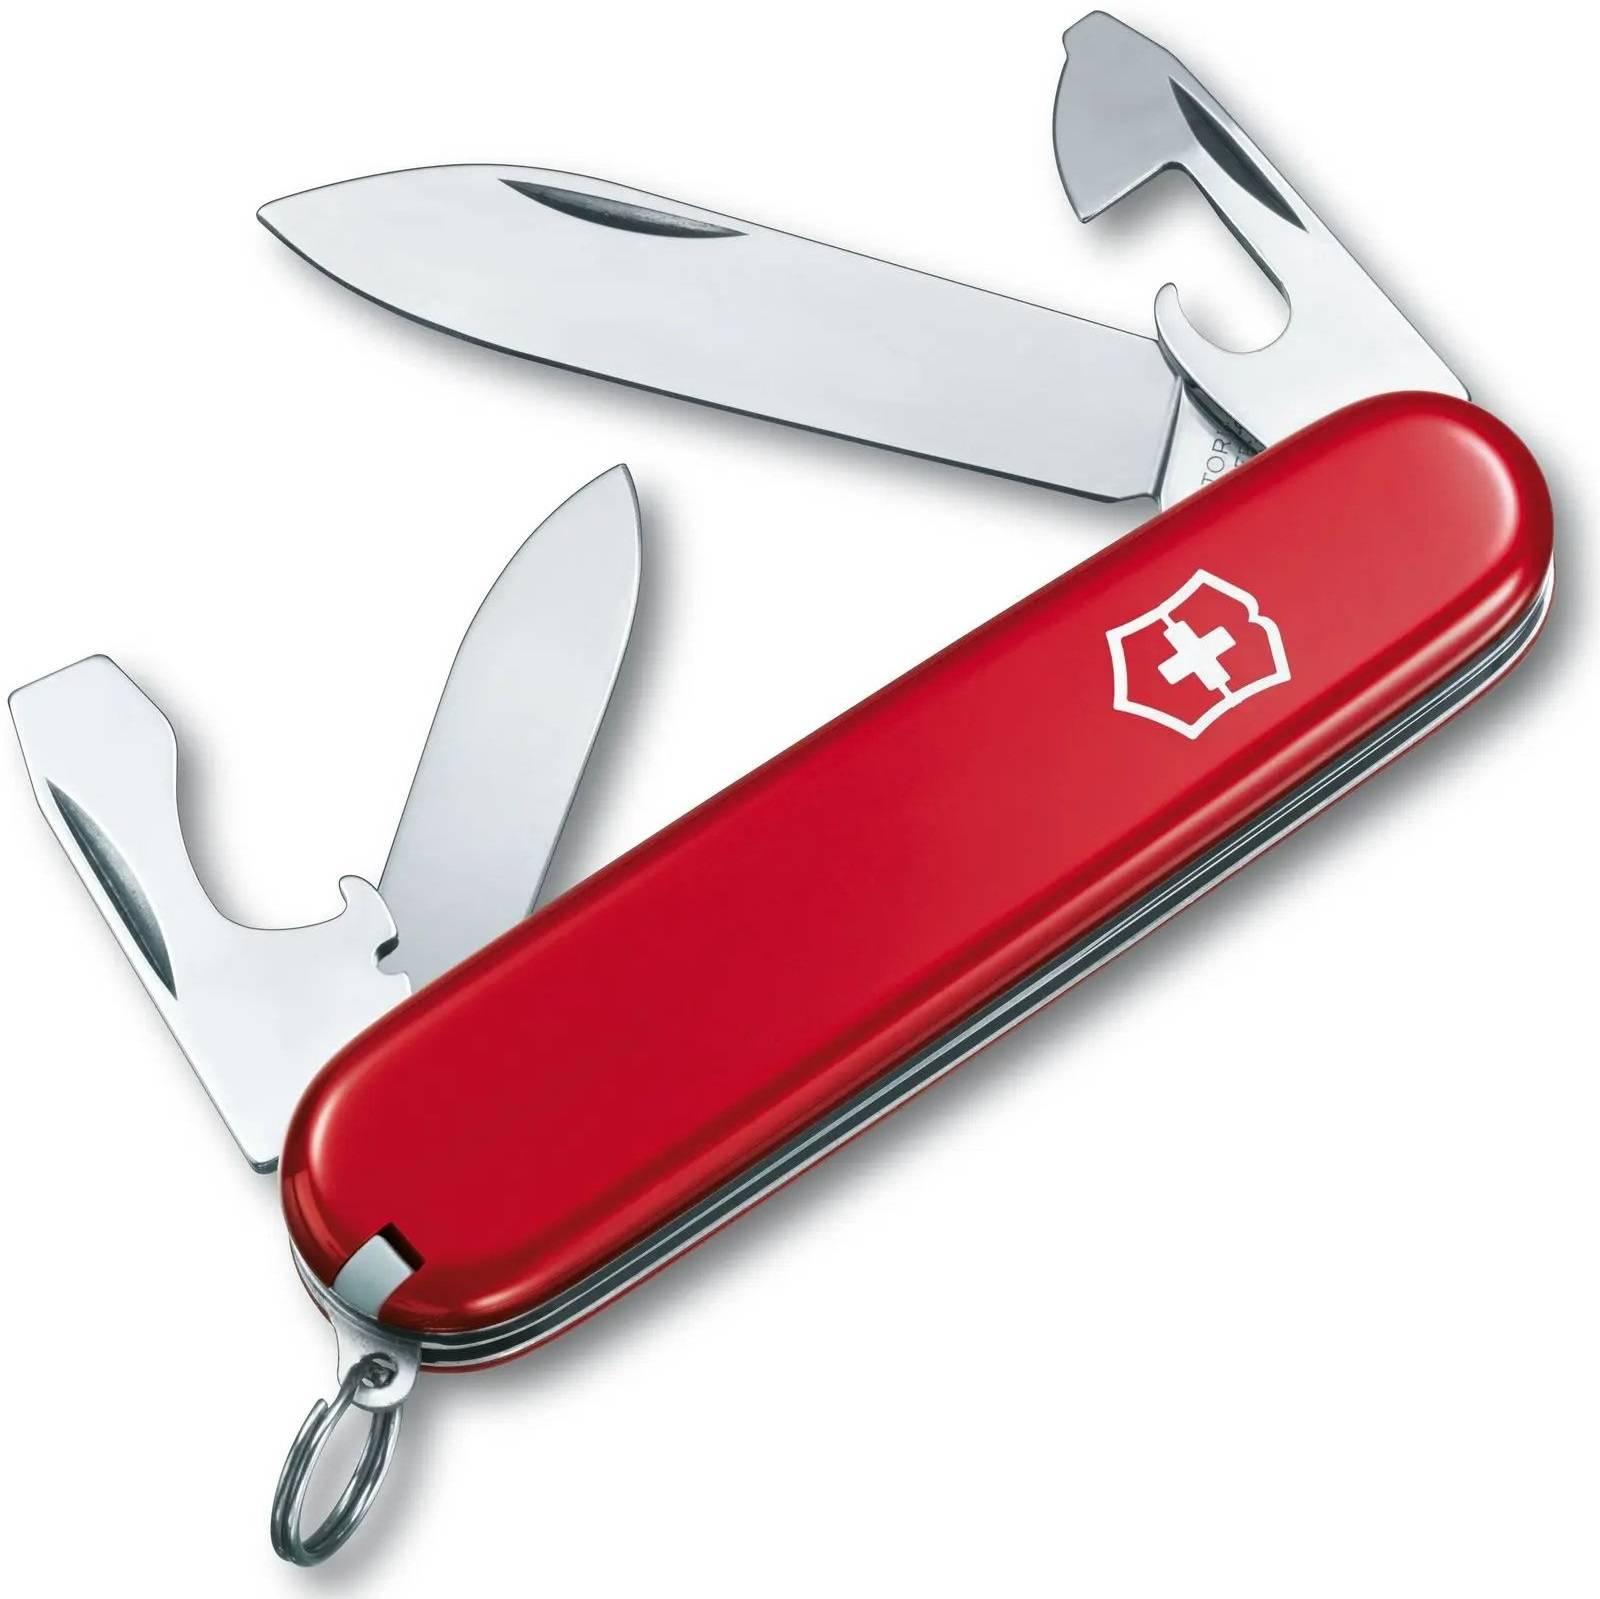 Нож со складным лезвием Victorinox Recruit красный (0.2503) - фото 1